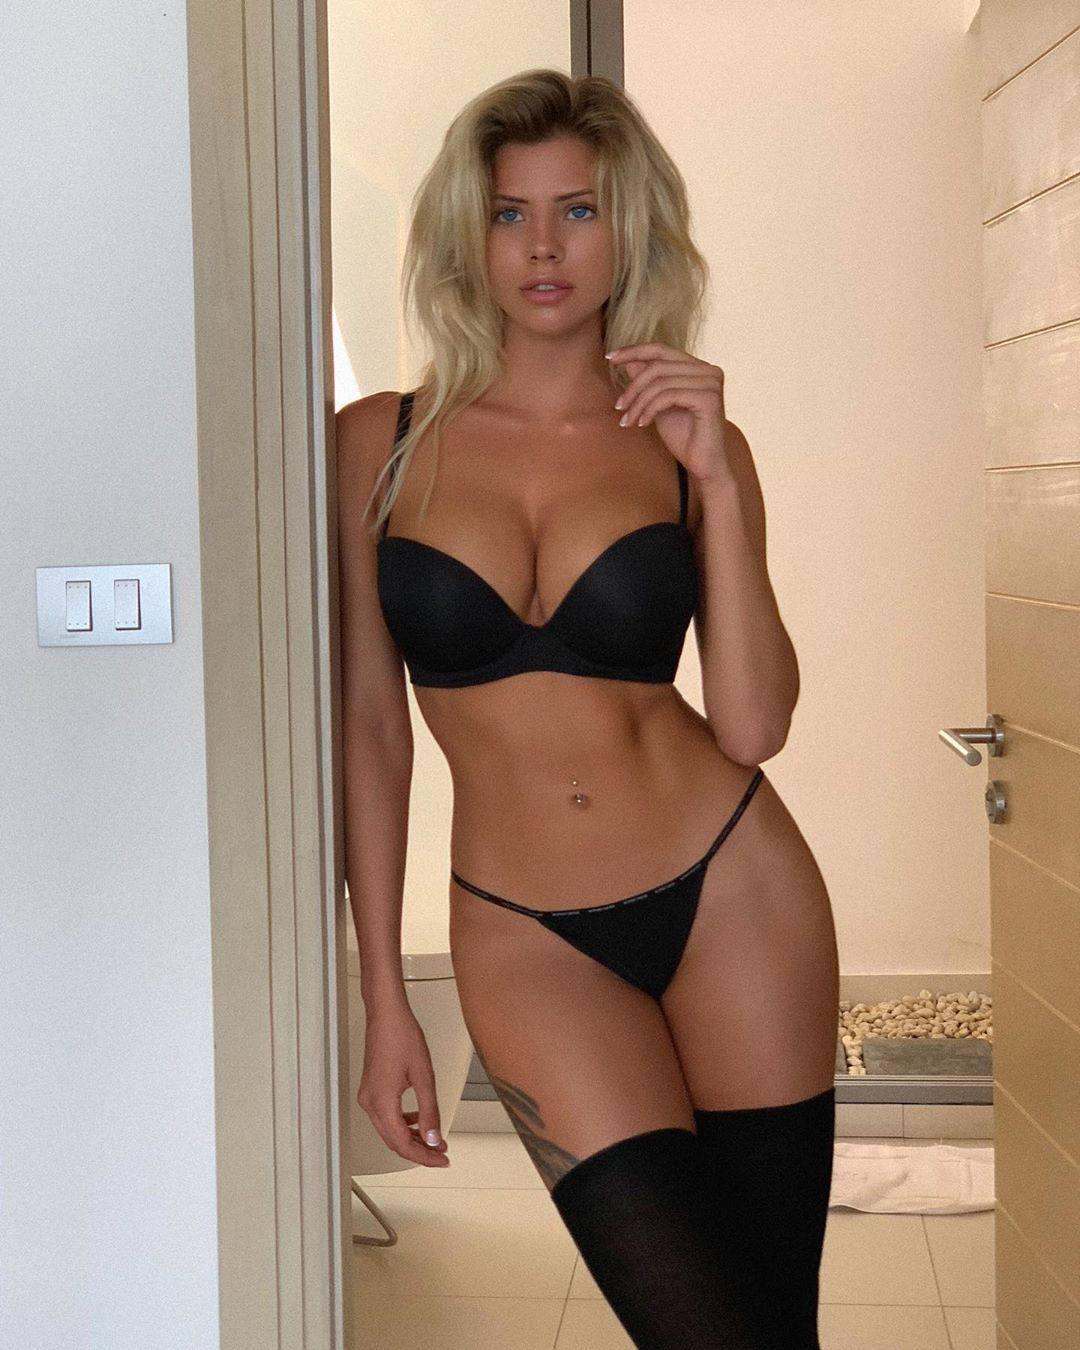 Nata Lee Hot Body In Lingerie